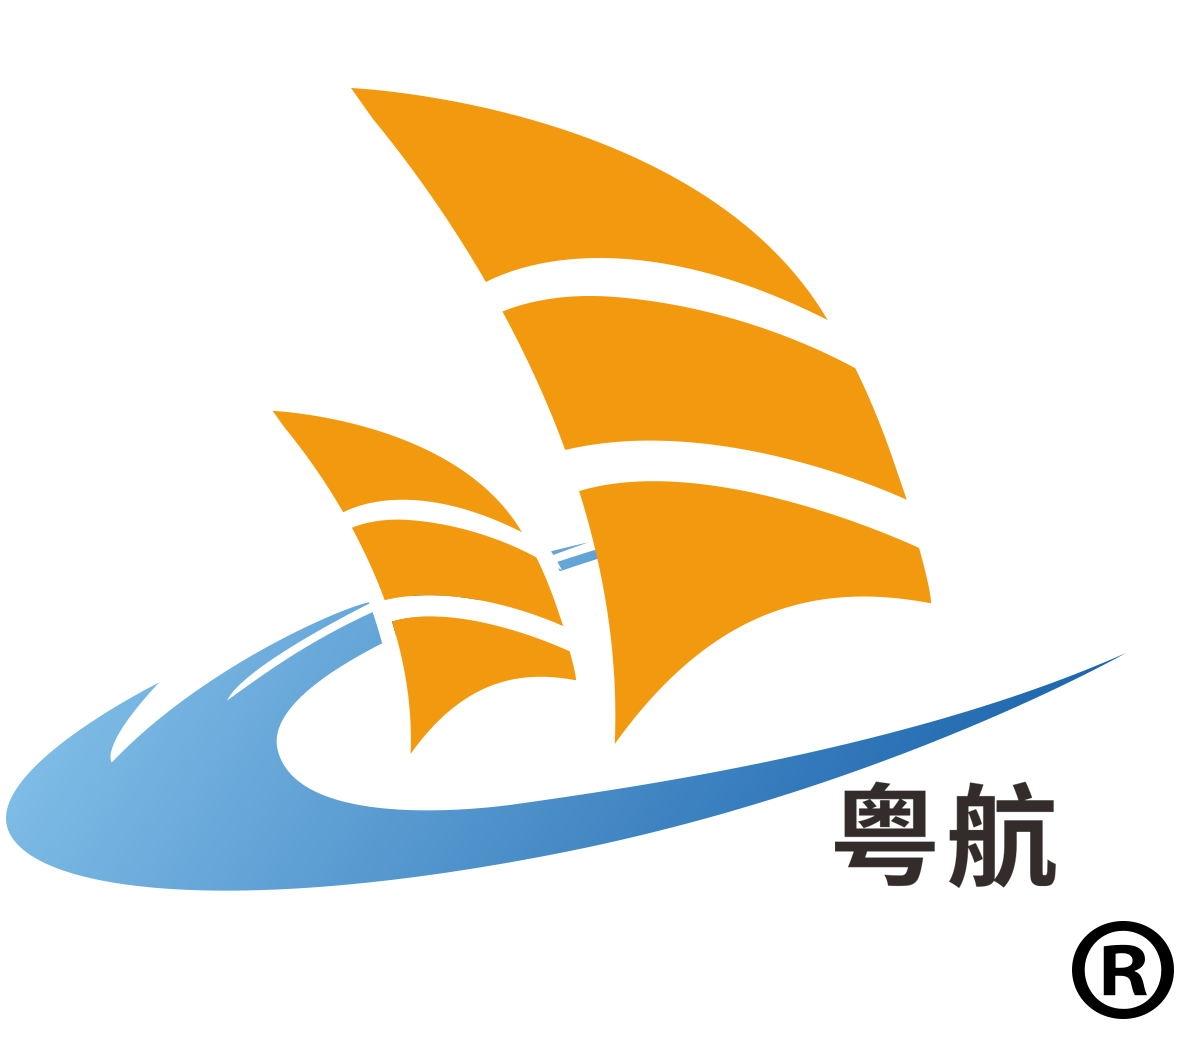 佛山市锦瀚粤海航机械设备有限公司